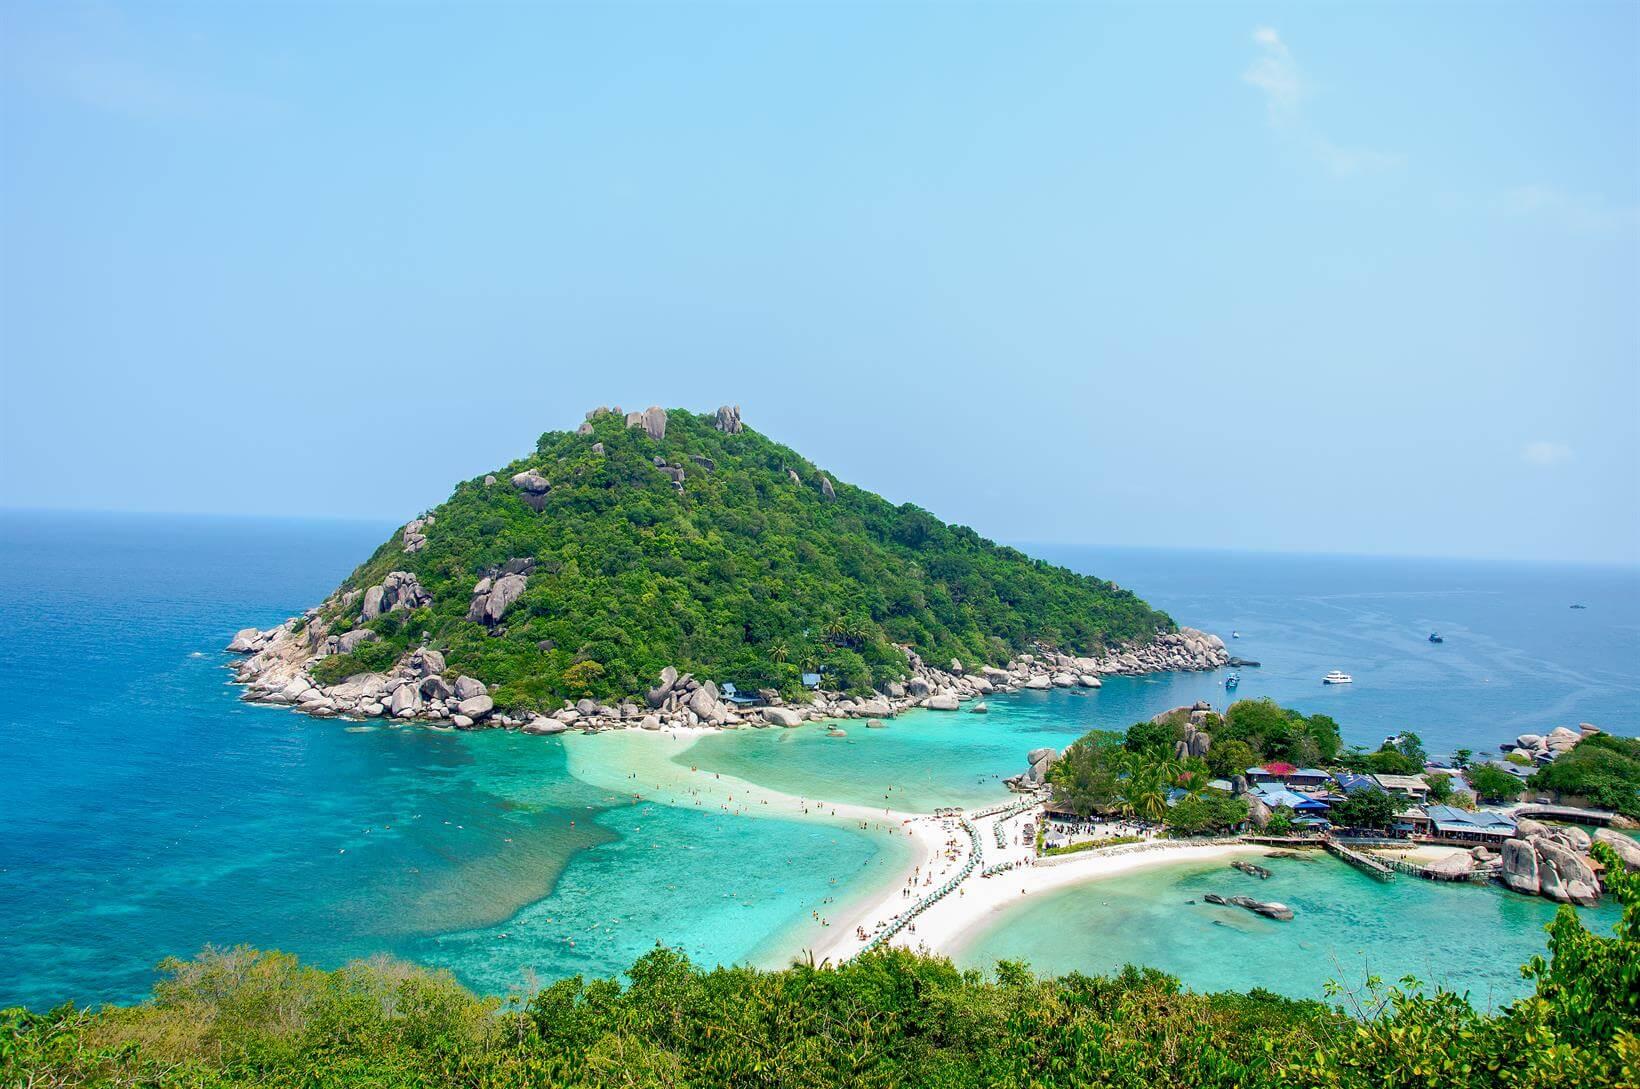 Melhores Ilhas e Praias da Tailândia: Koh Nang Yuan